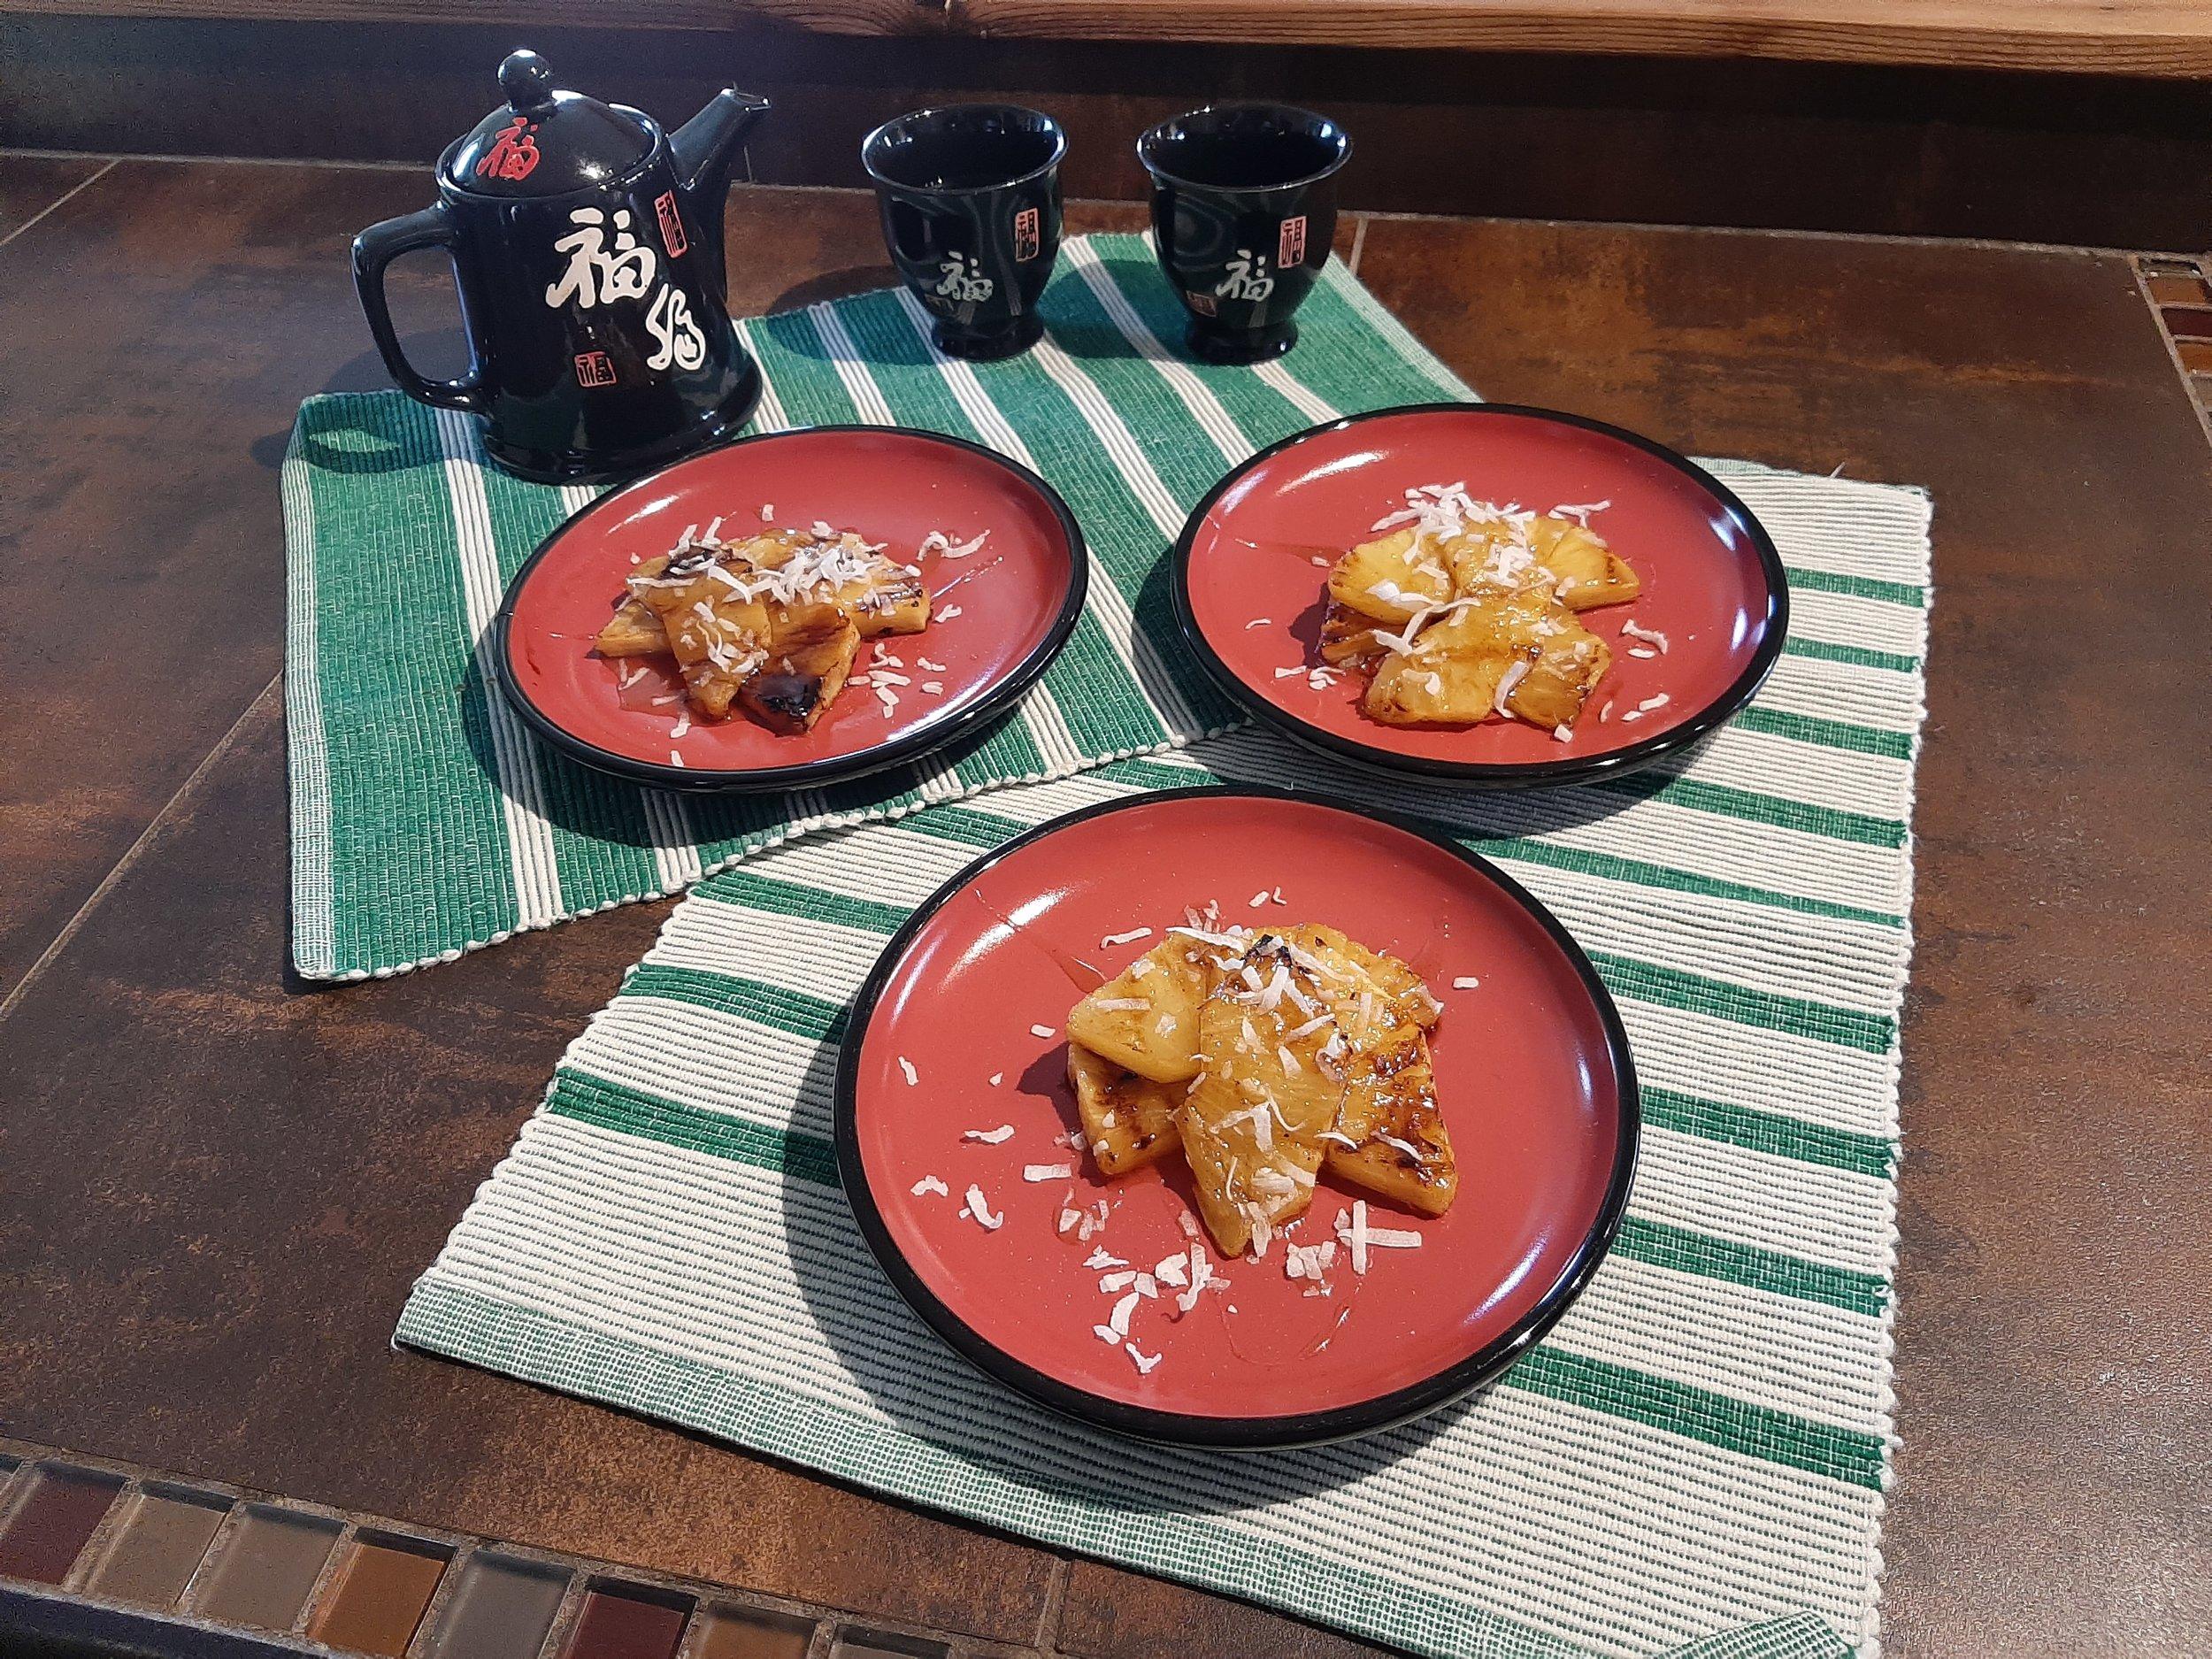 ananas-grillé-bbq-dessert-estival-été-simple-noix-de-coco